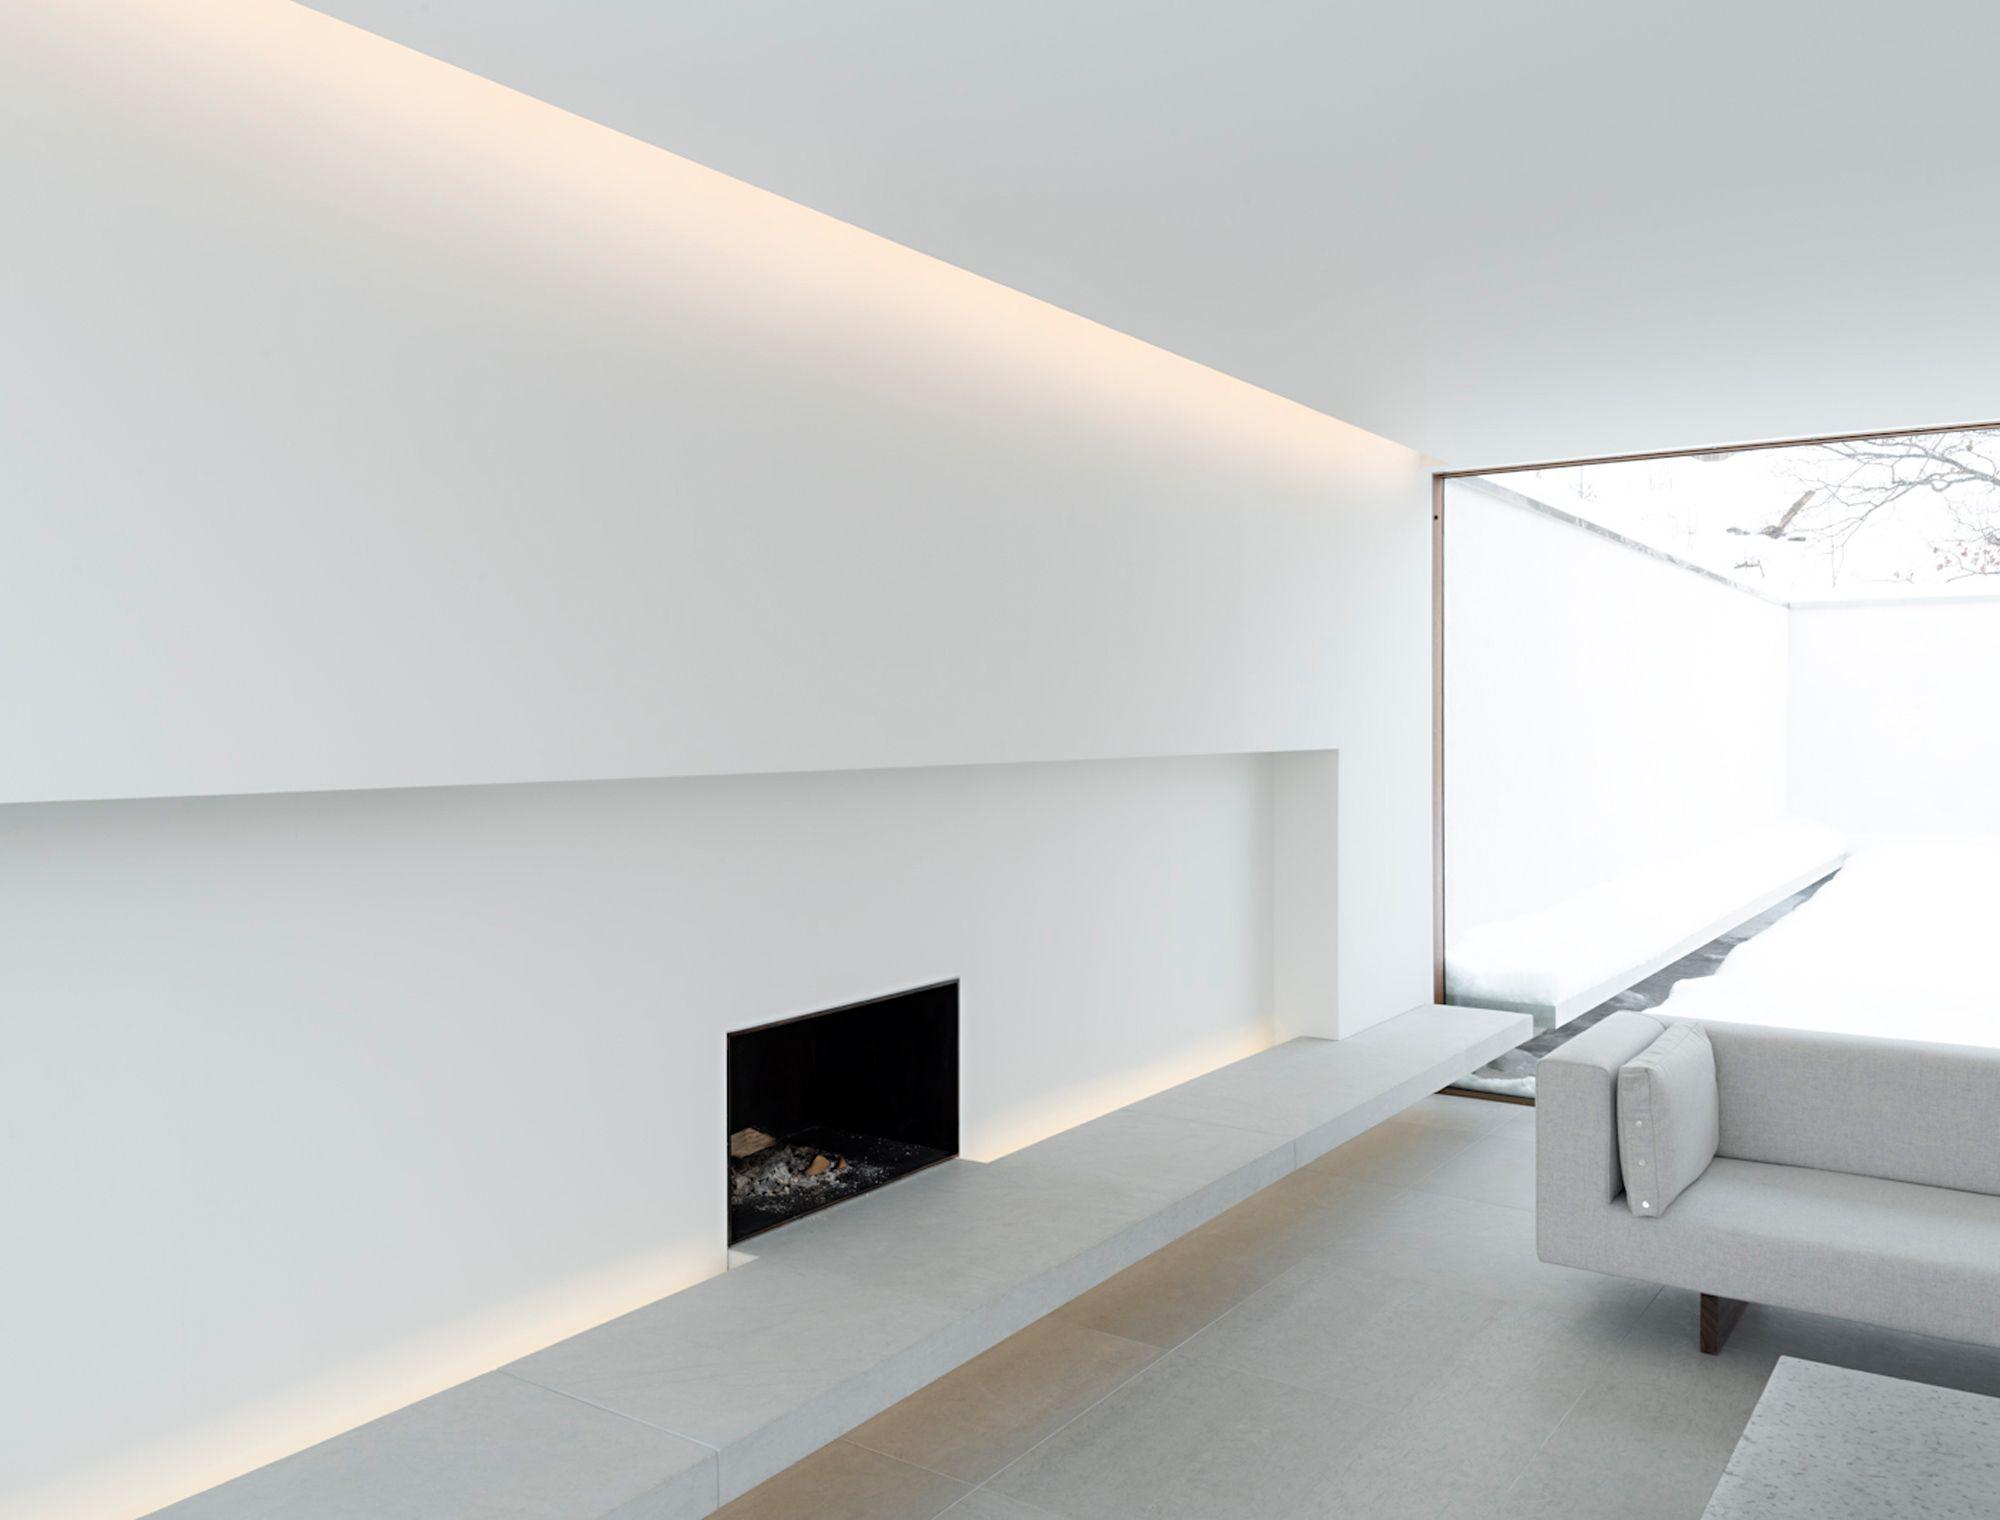 Minimalistische open haard in een woonkamer stock illustratie